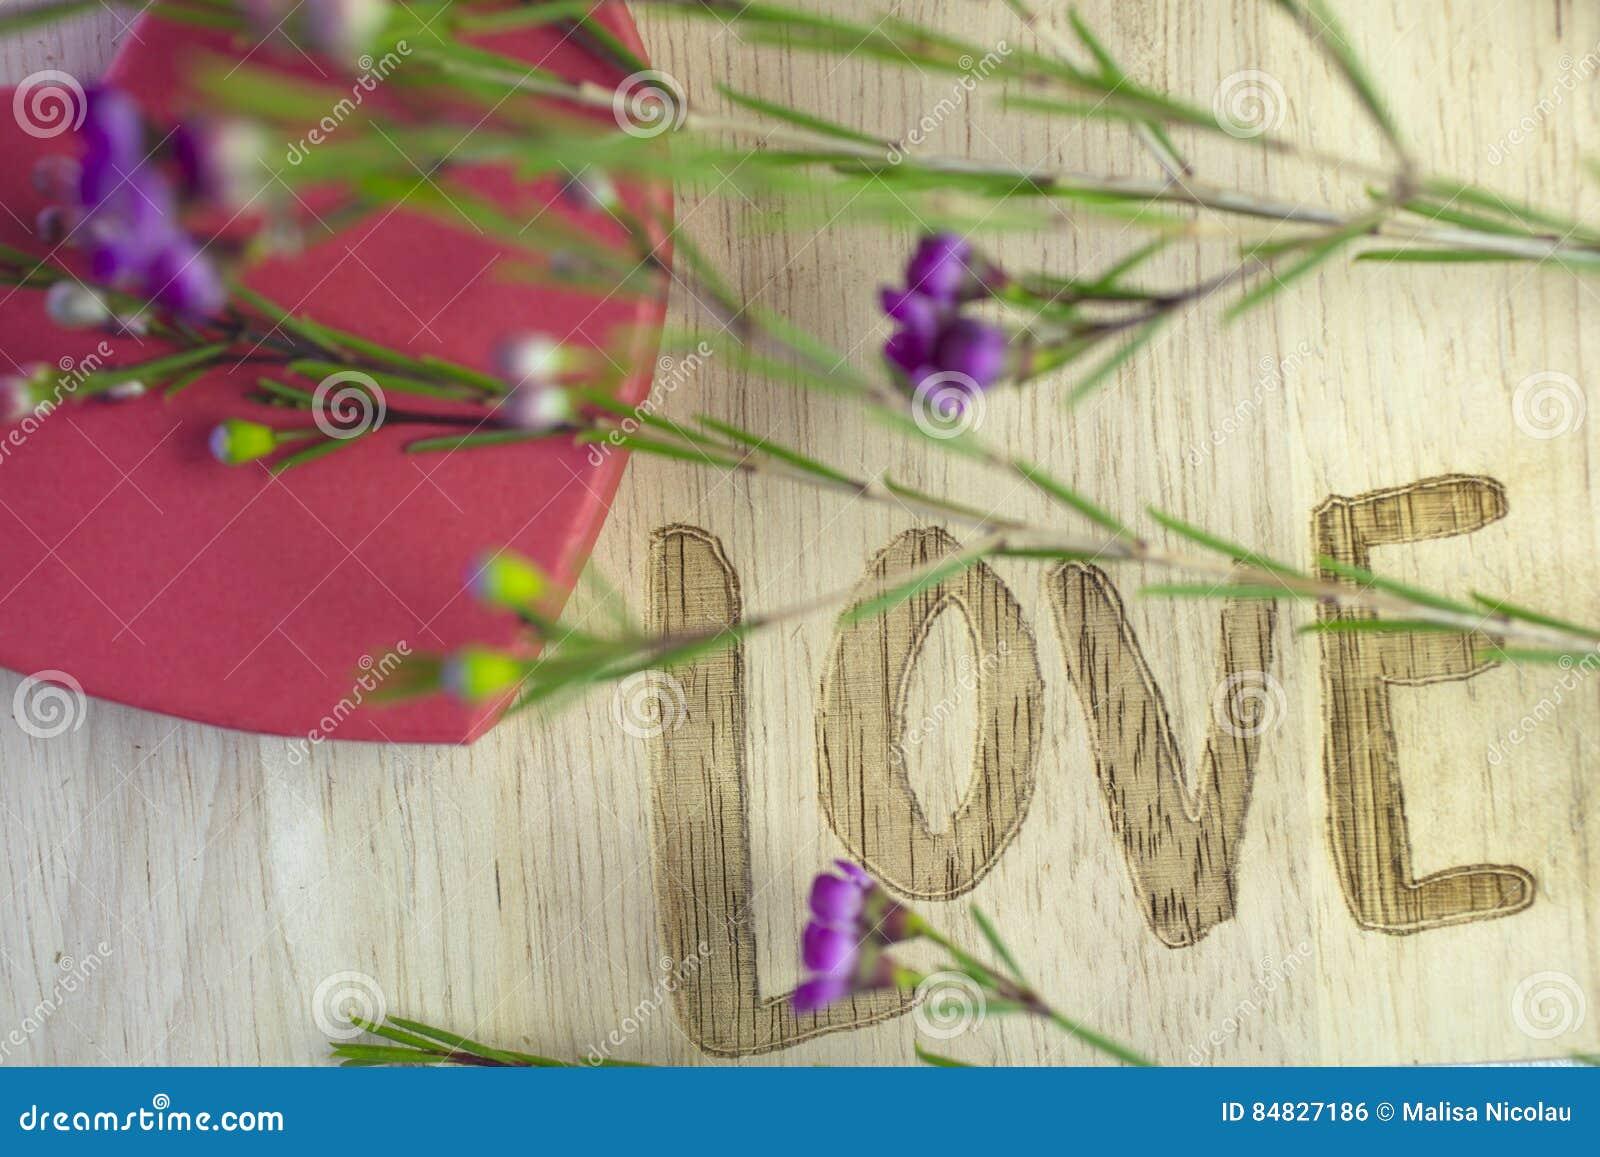 Message fleurs amour for Livraison fleurs avec message